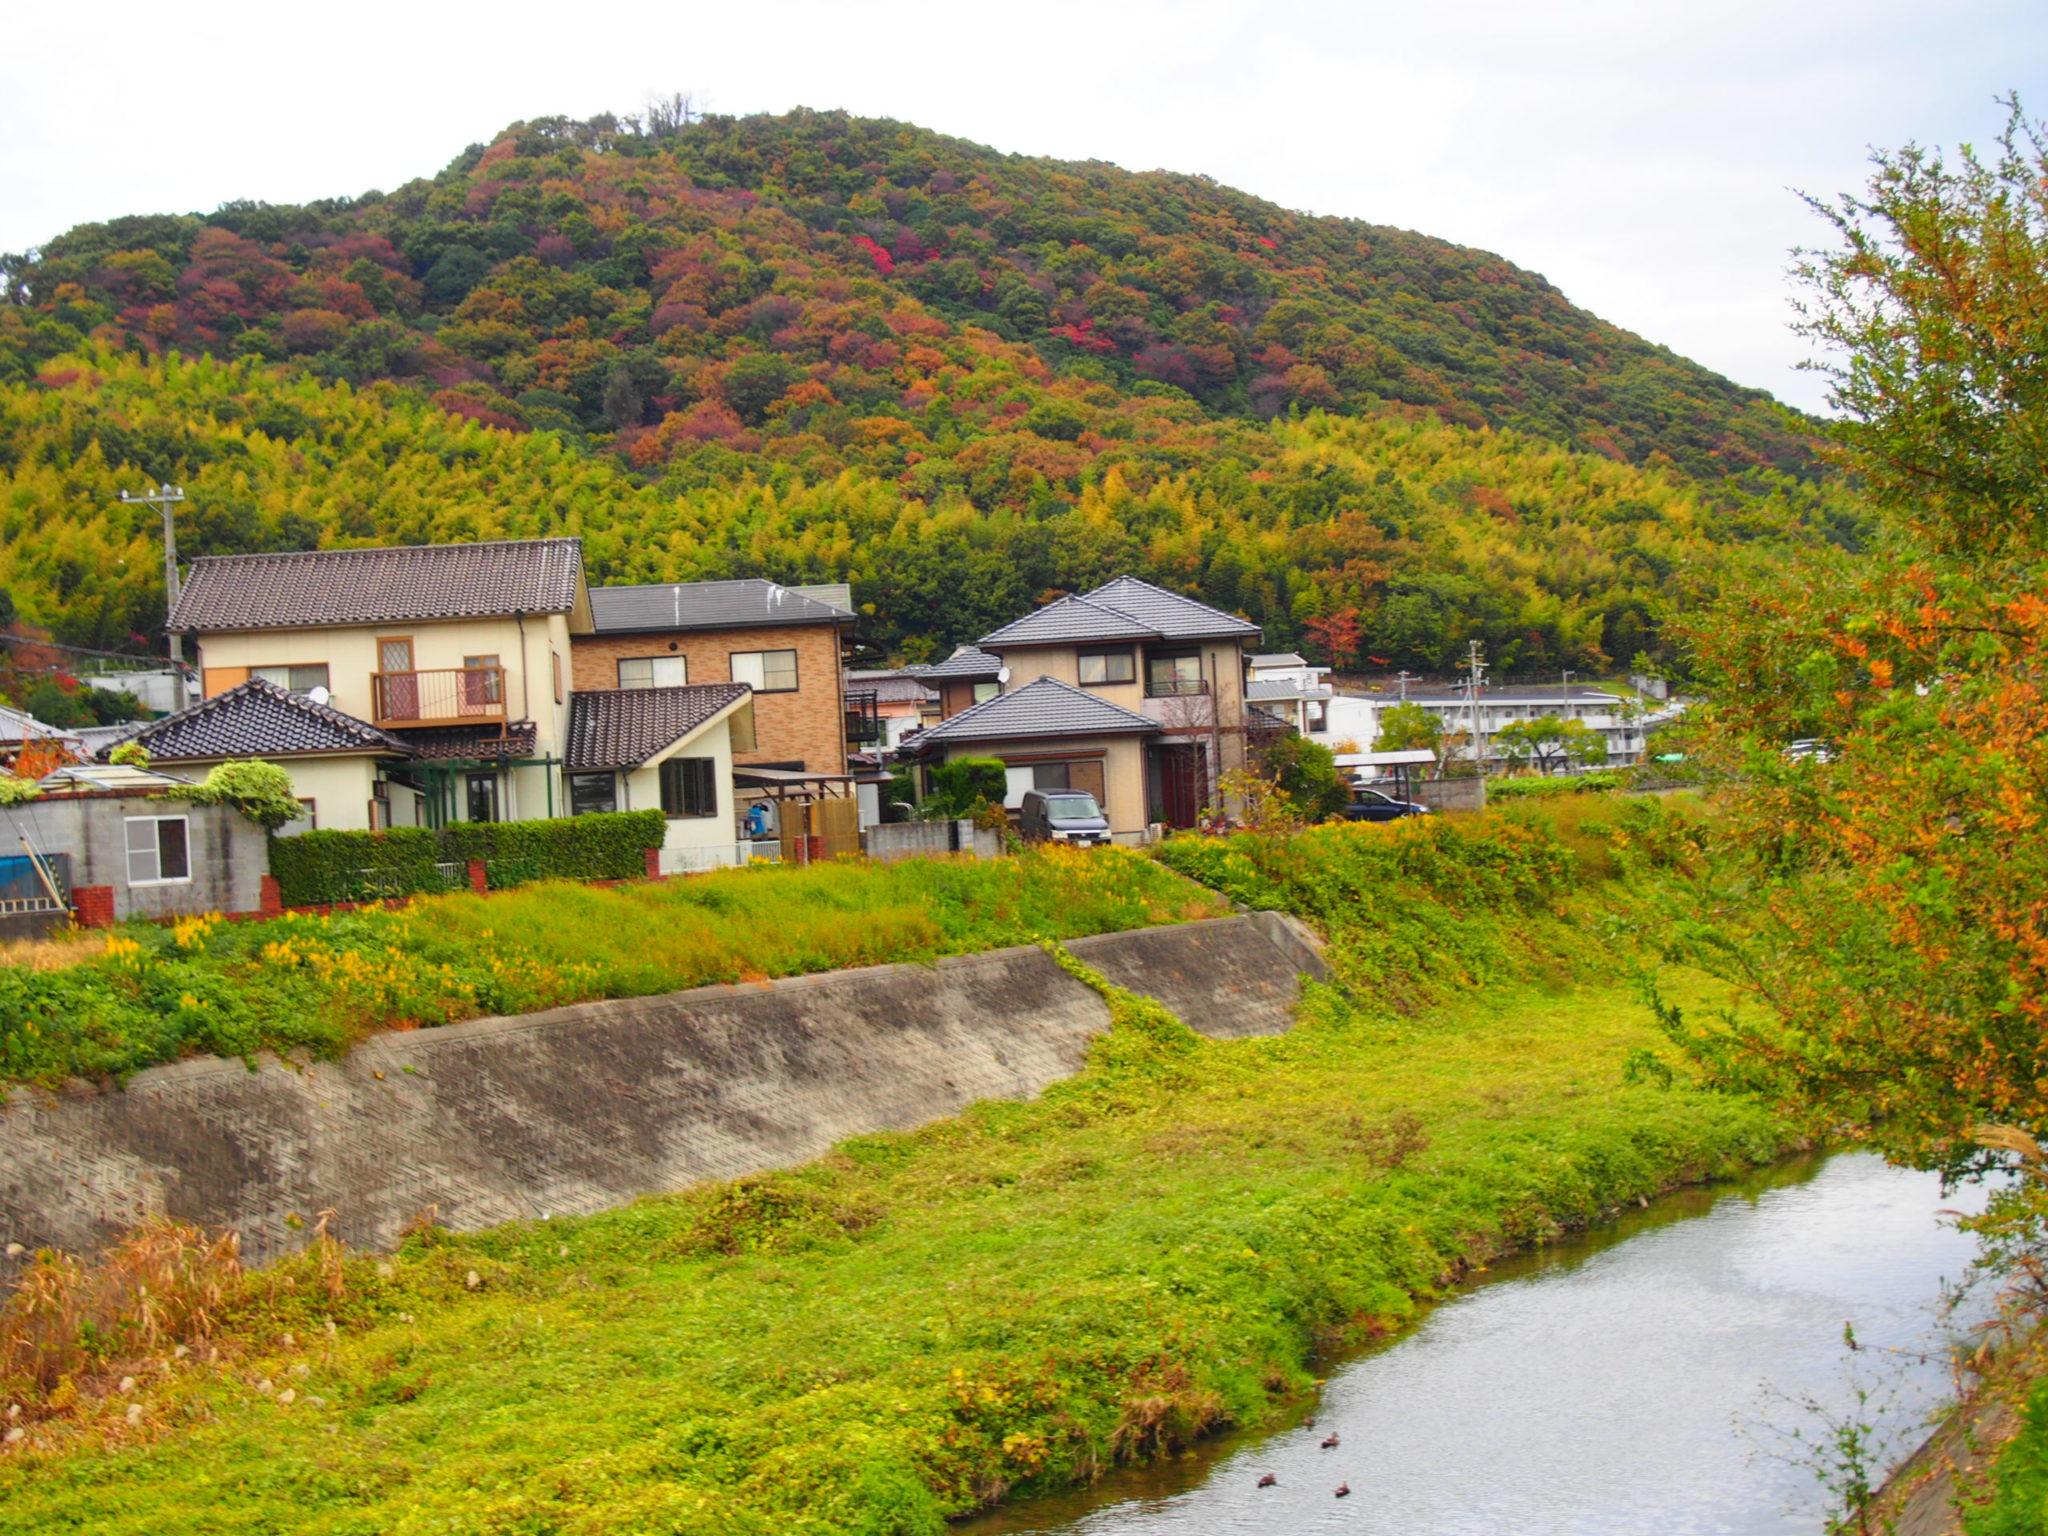 網干の田舎っぽい感じのところ【姫路の種写真部】